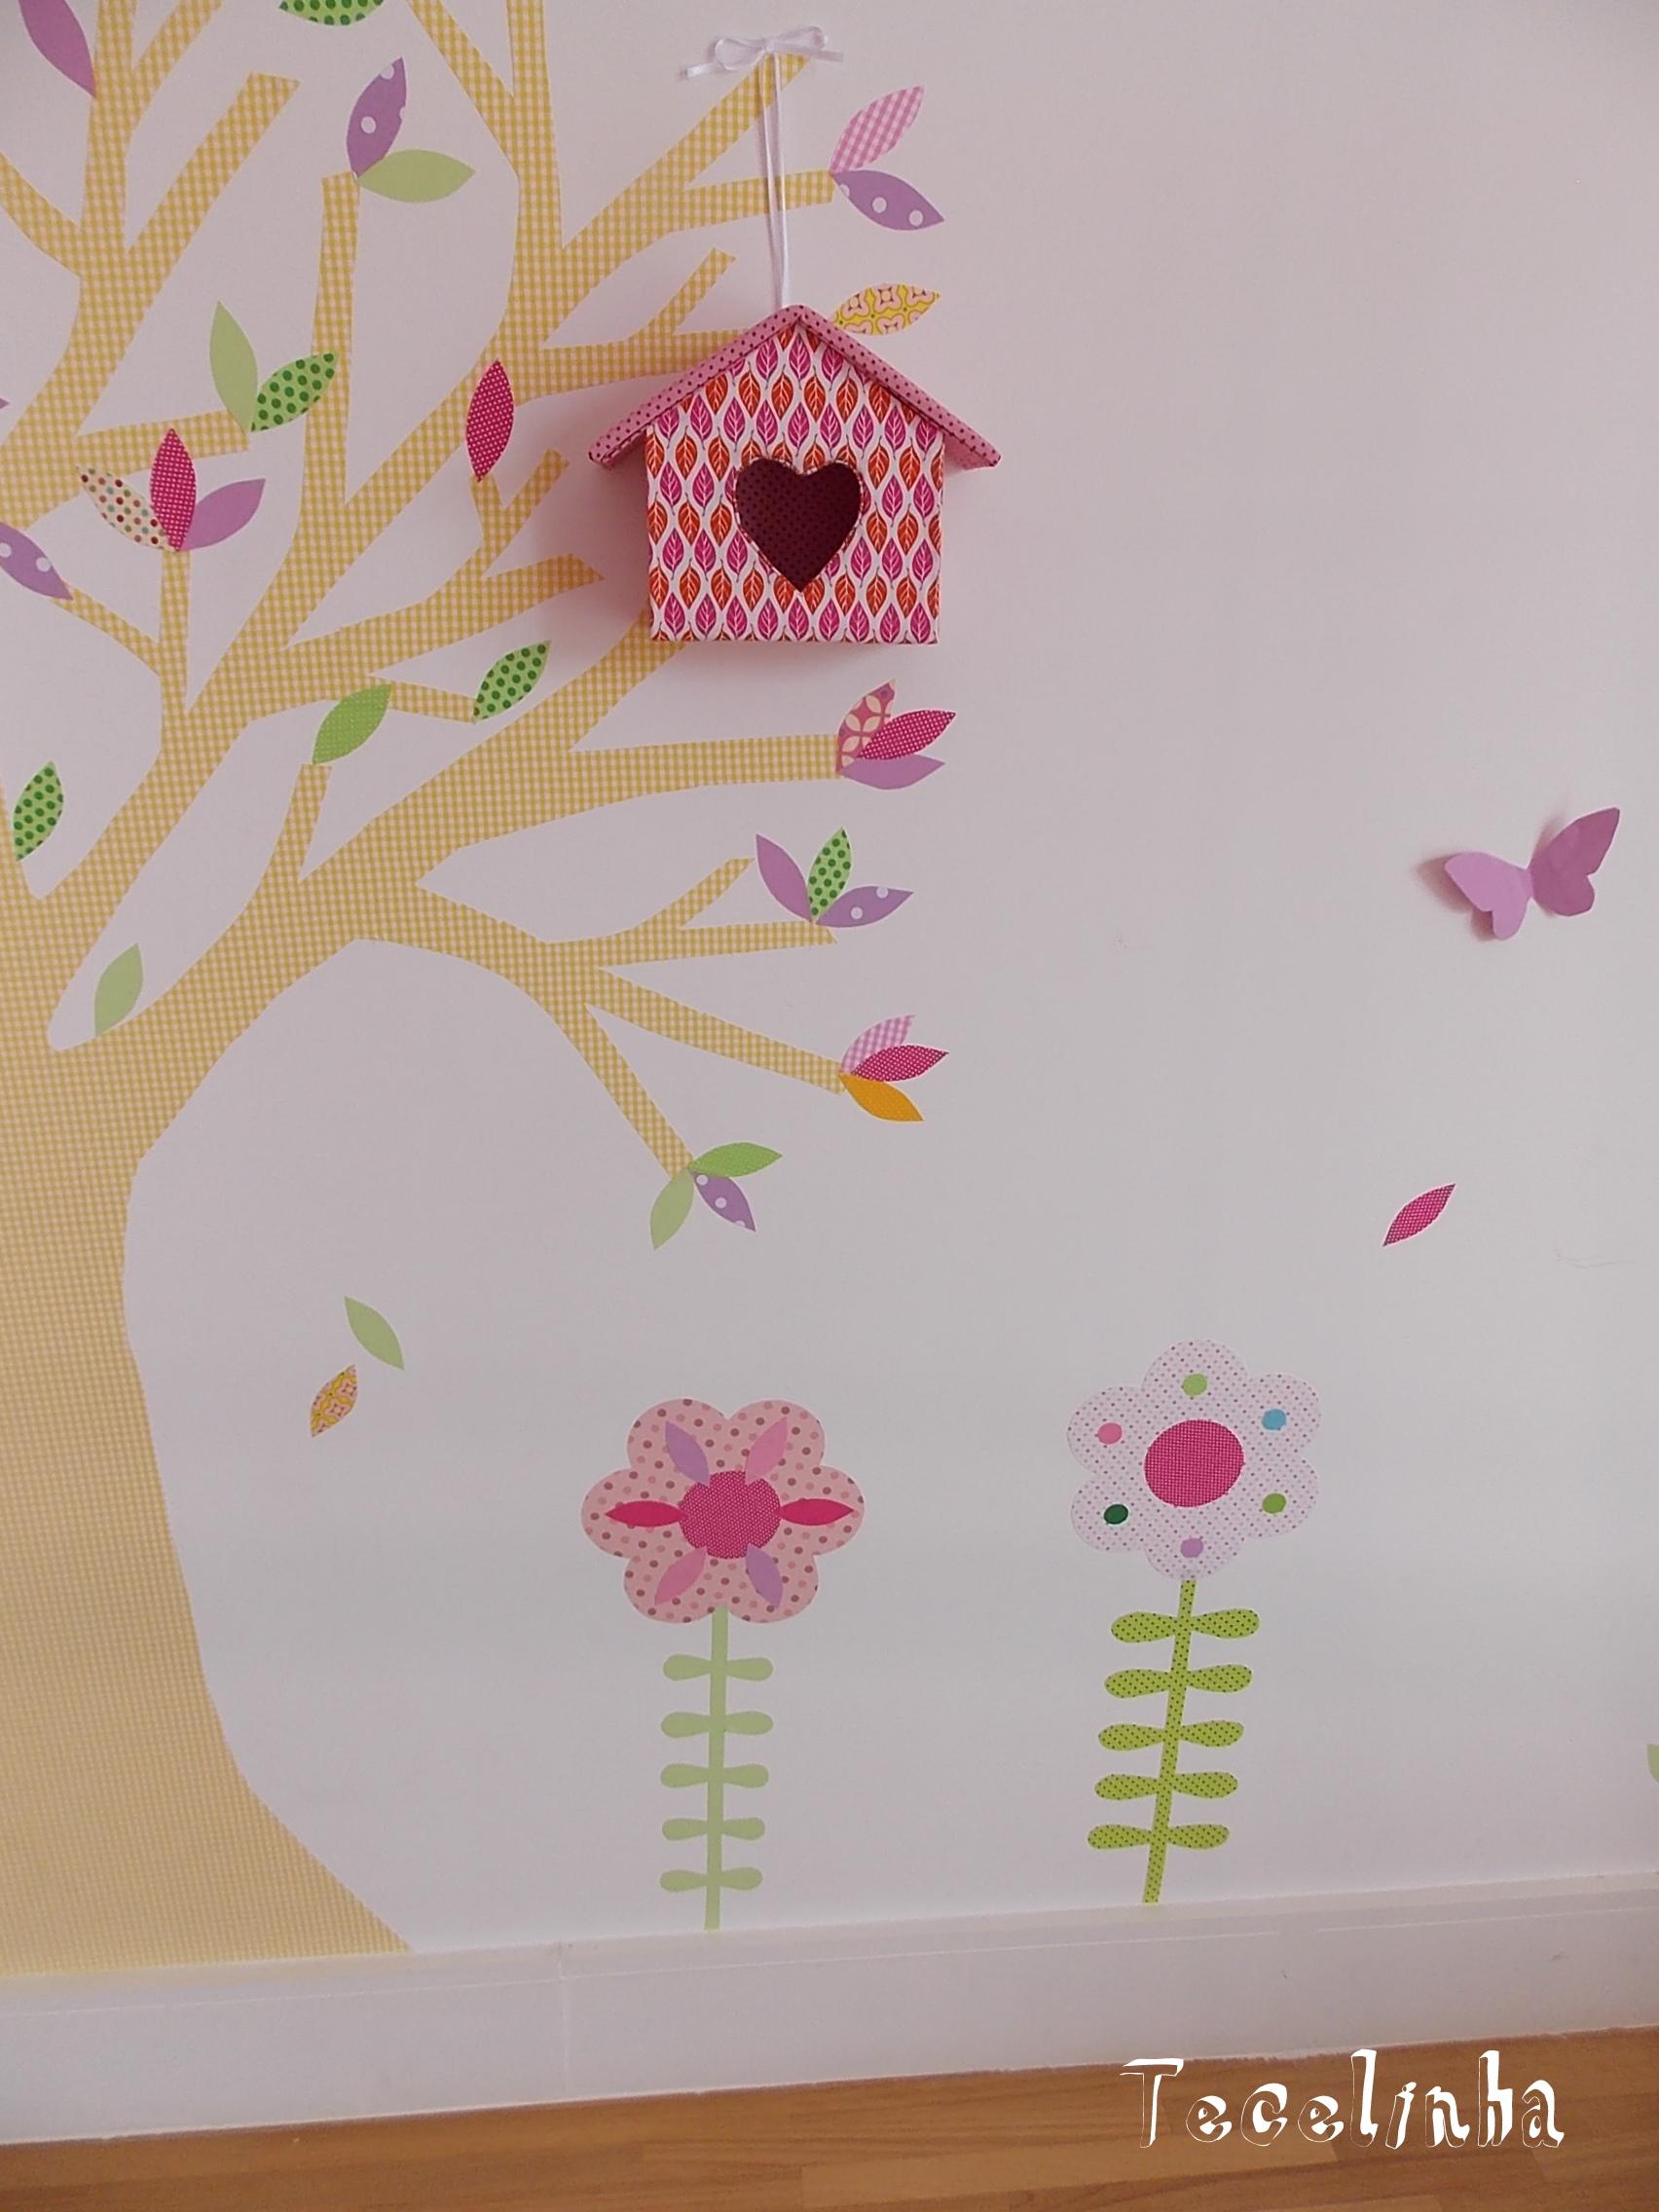 decoracao quarto de bebe jardim encantado : decoracao quarto de bebe jardim encantado:jardim encantado com arvore adesivos bebe jardim encantado com arvore